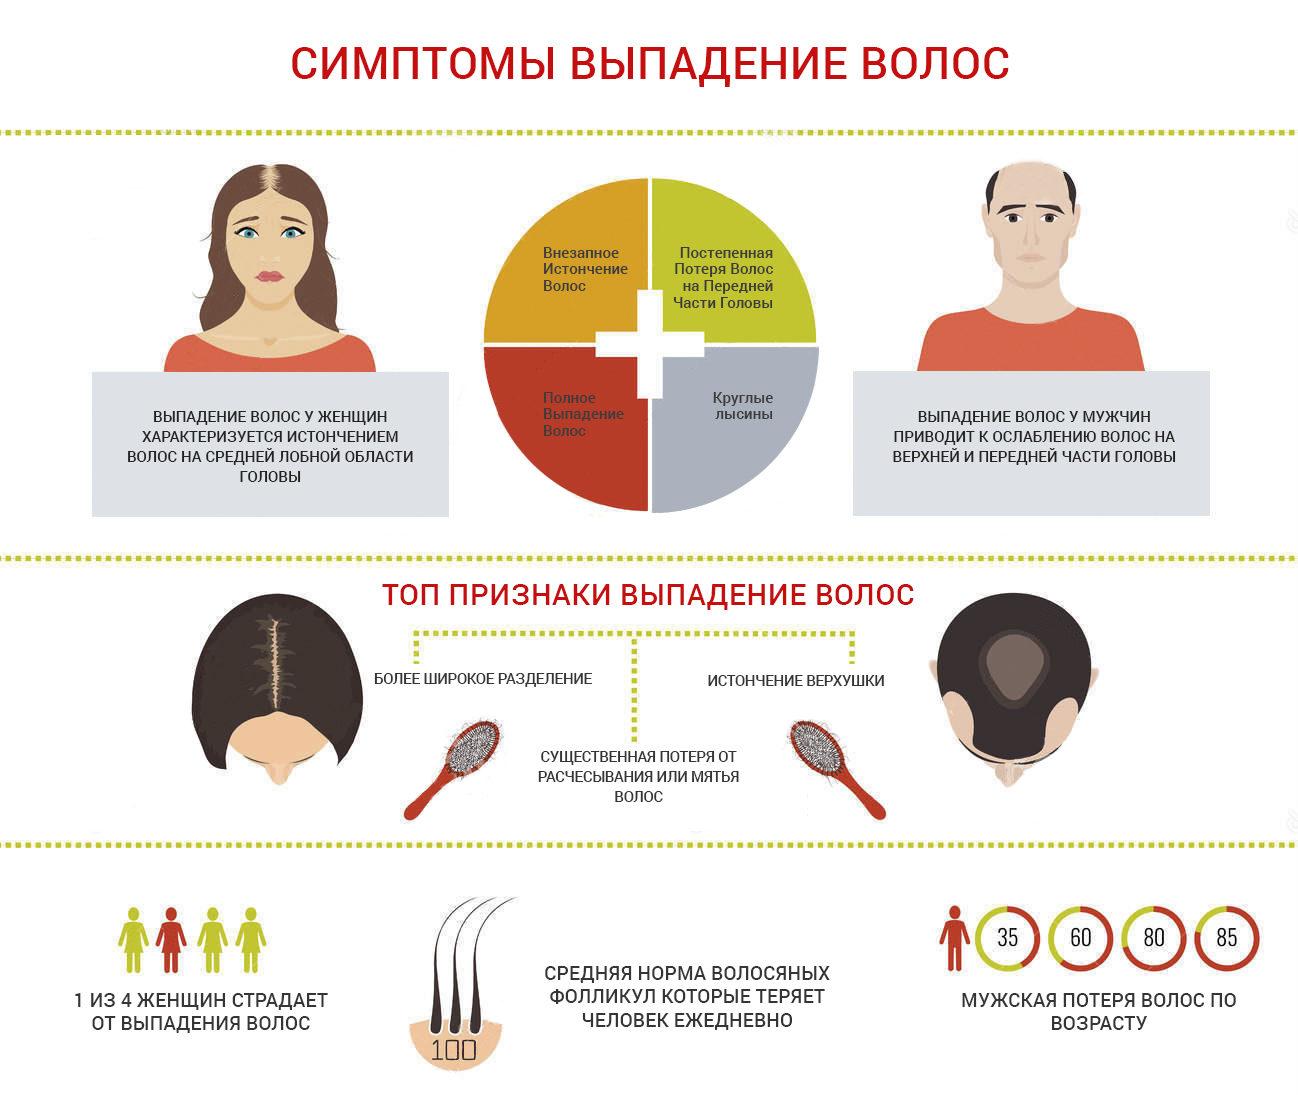 Симптомы выпадения волос